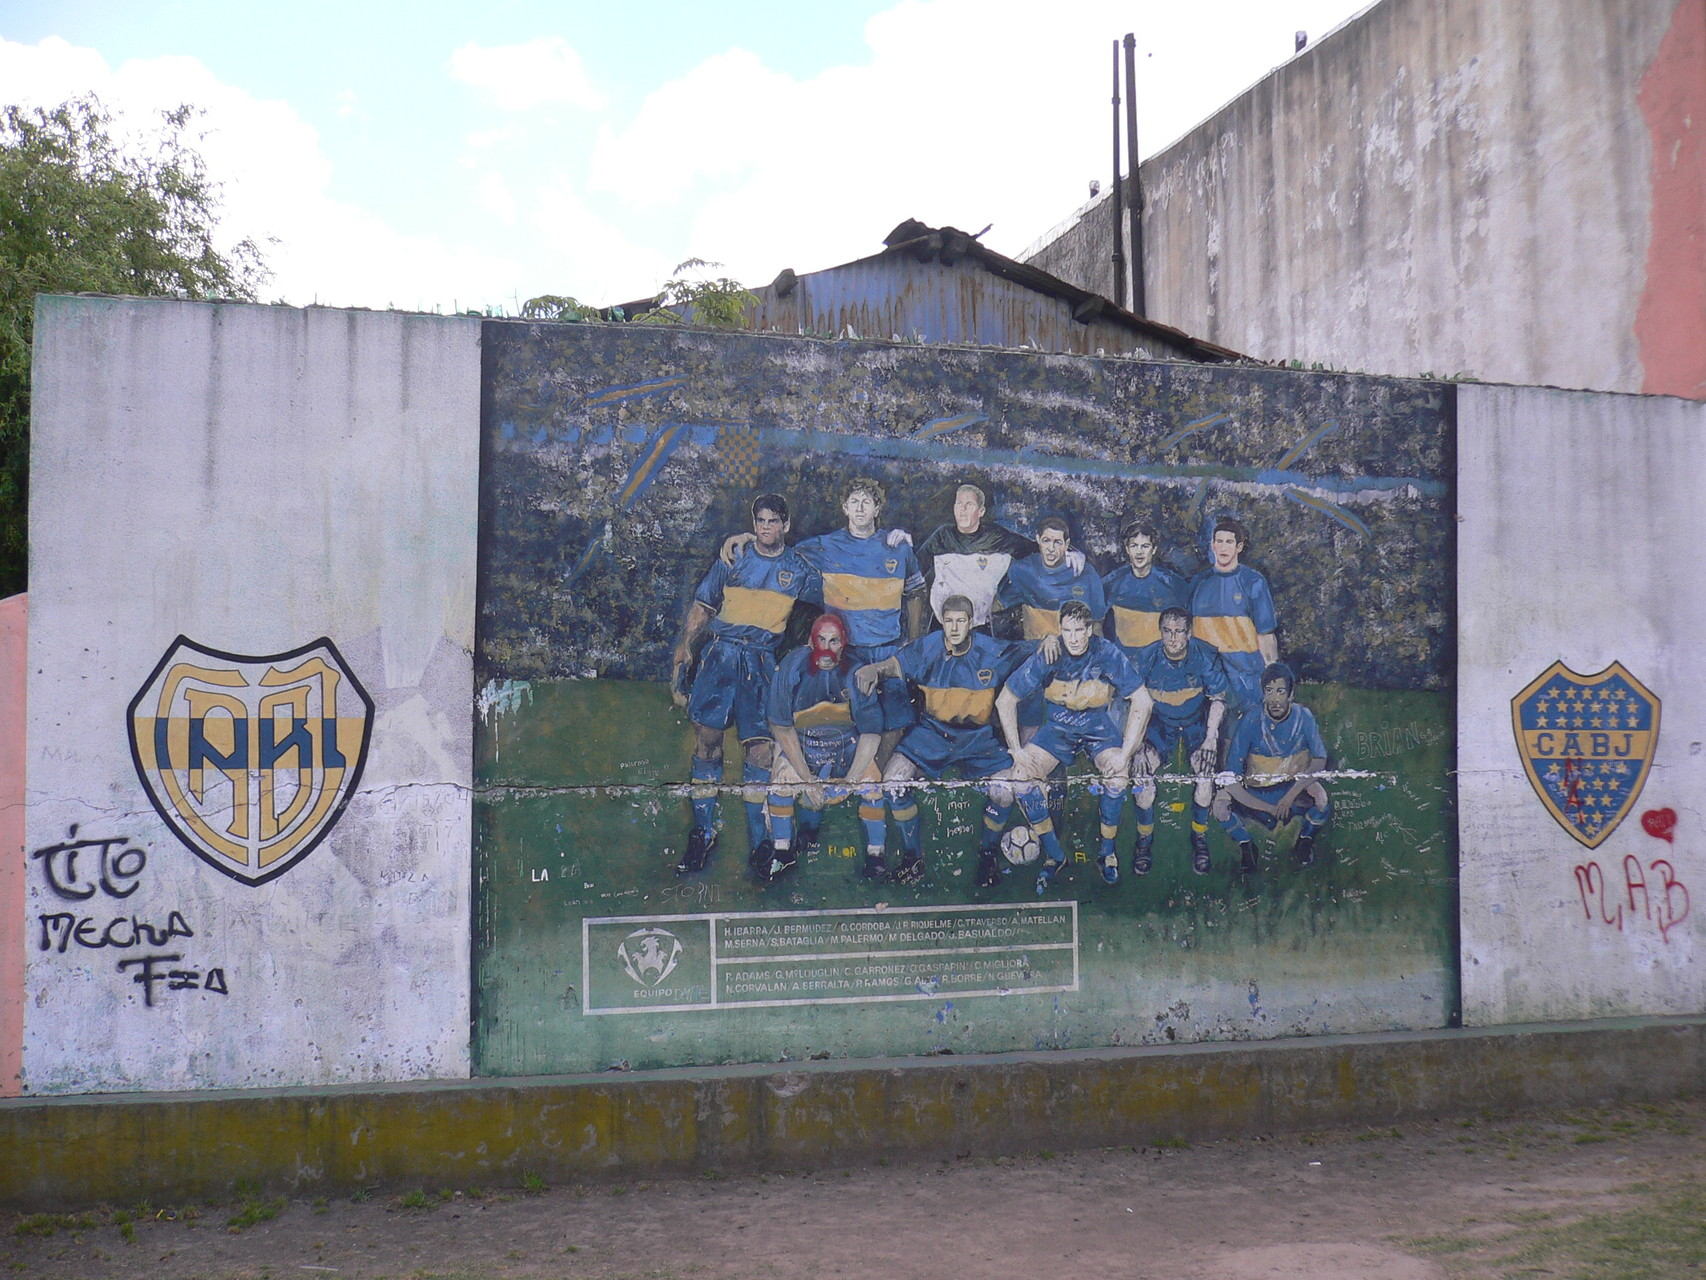 Argentinische Fußballmannschaft